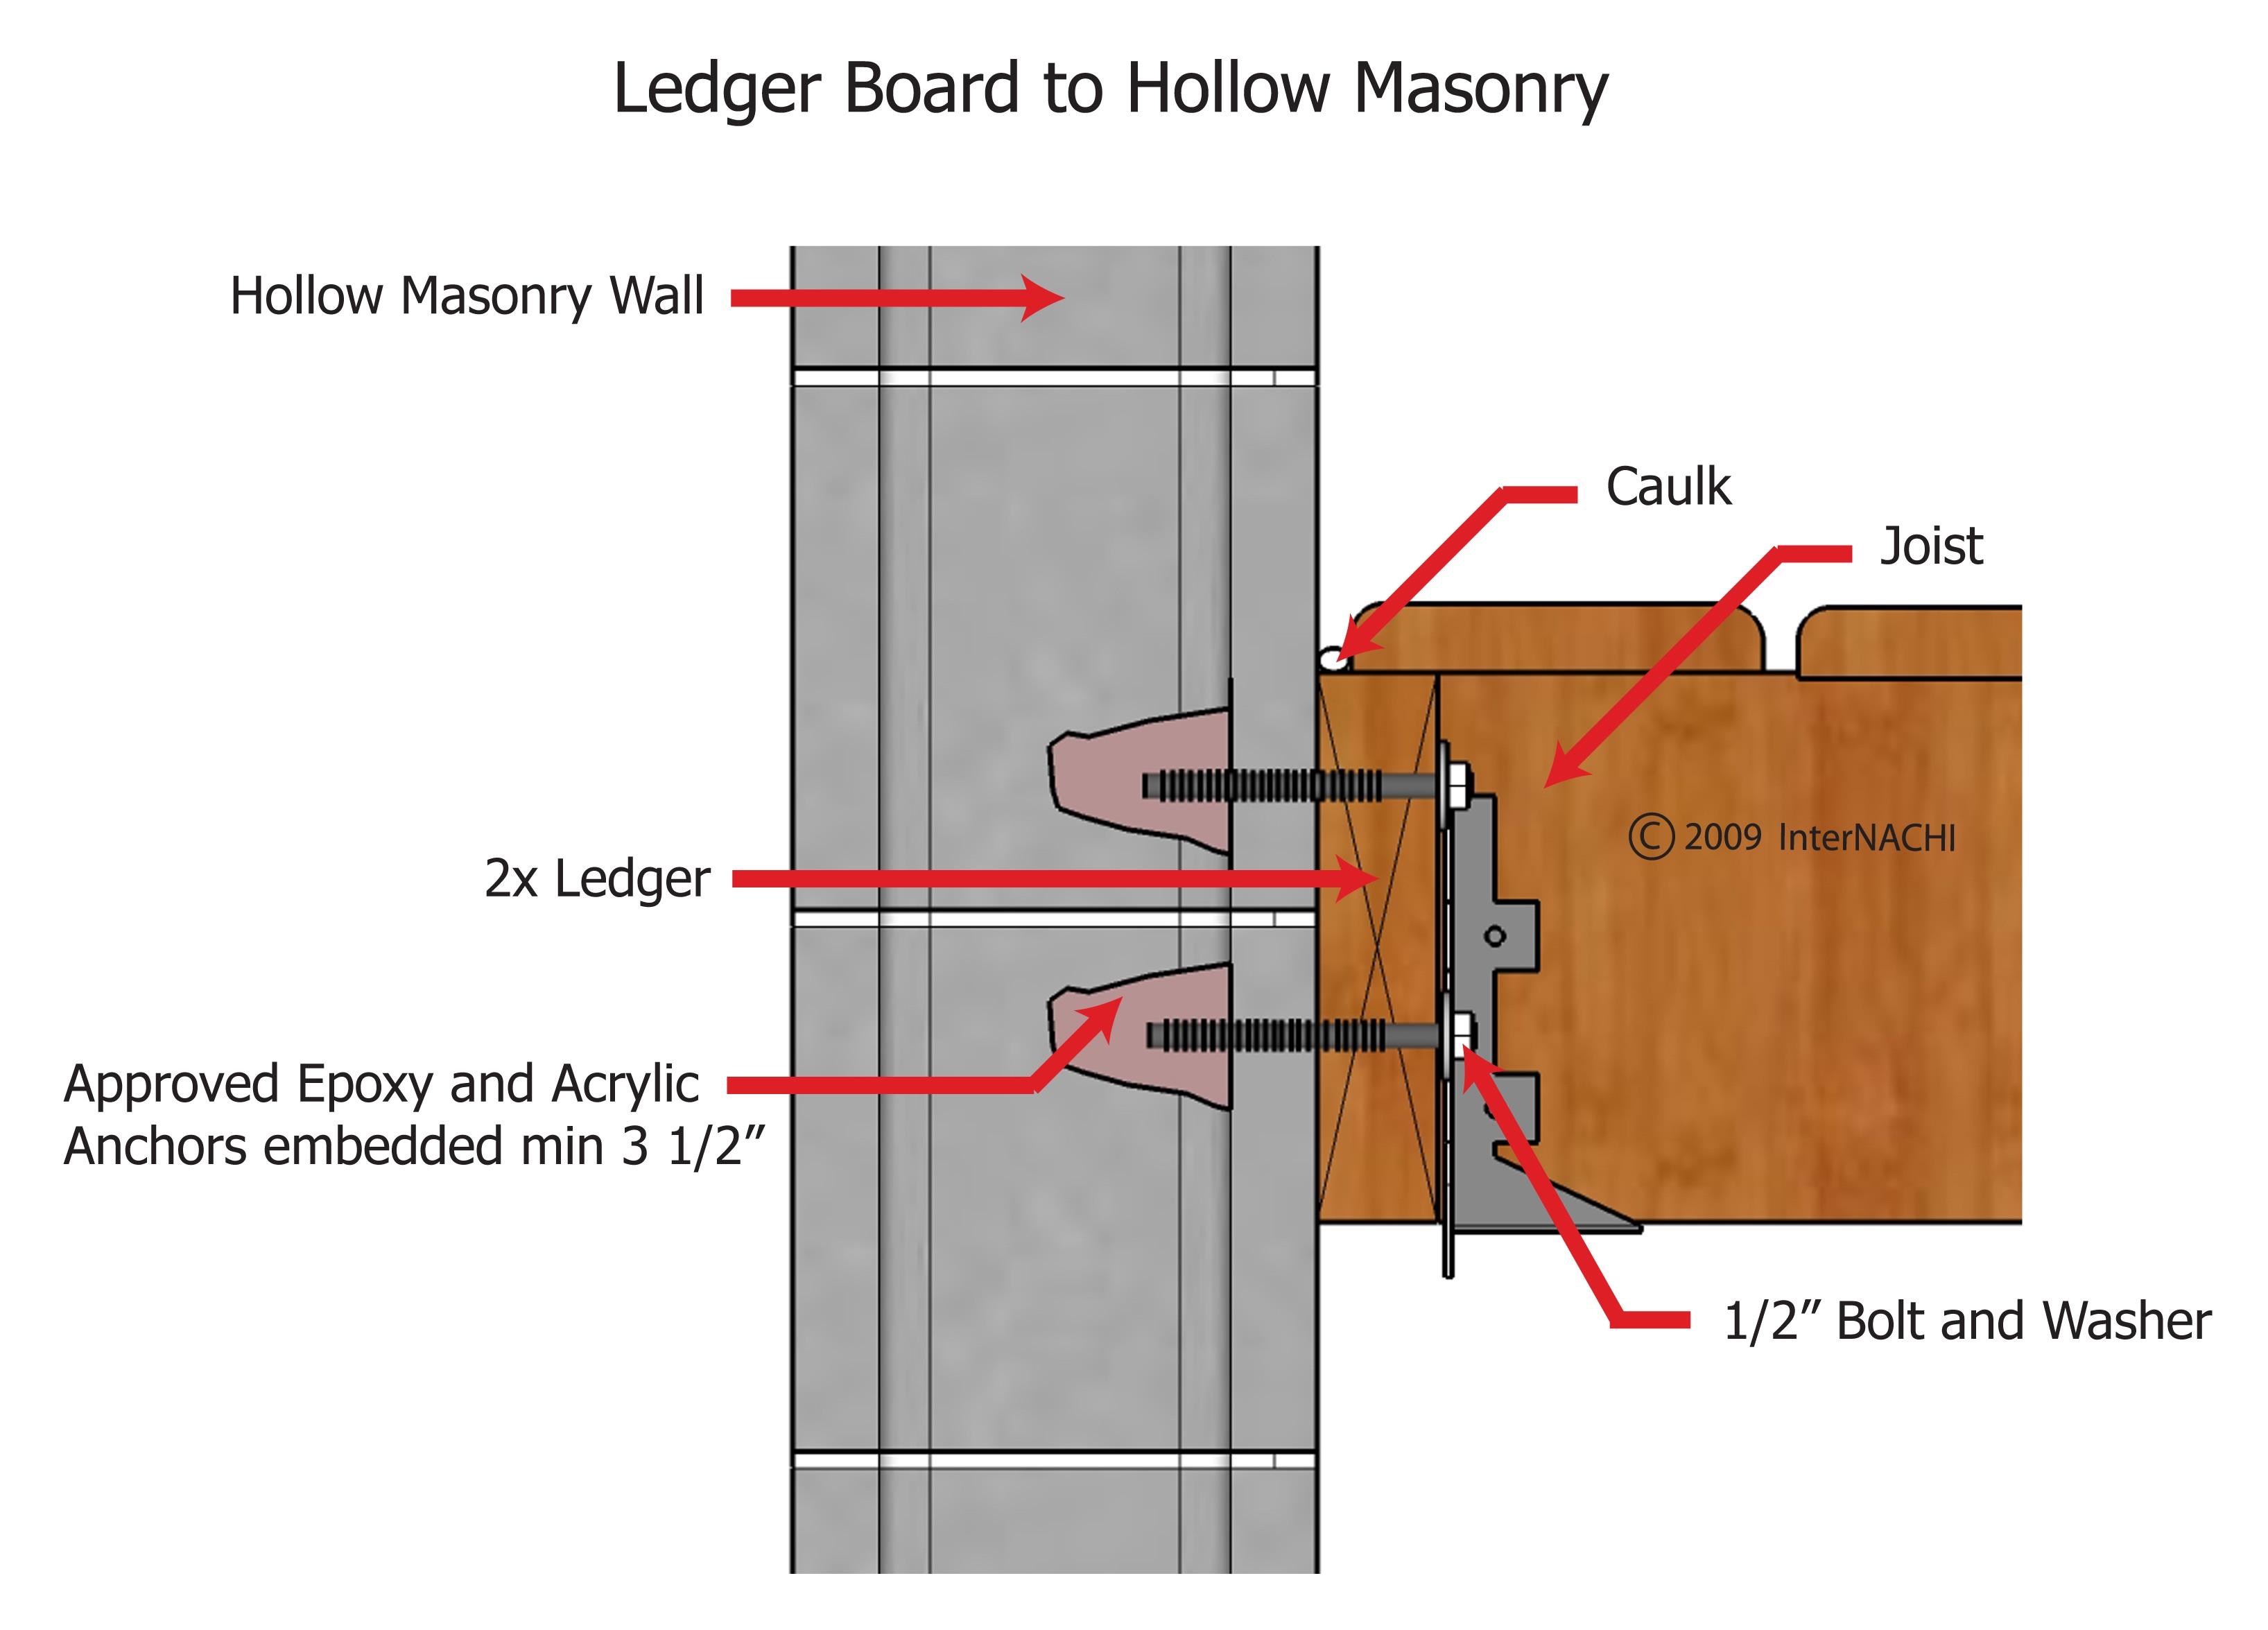 Ledger board to hollow masonry.